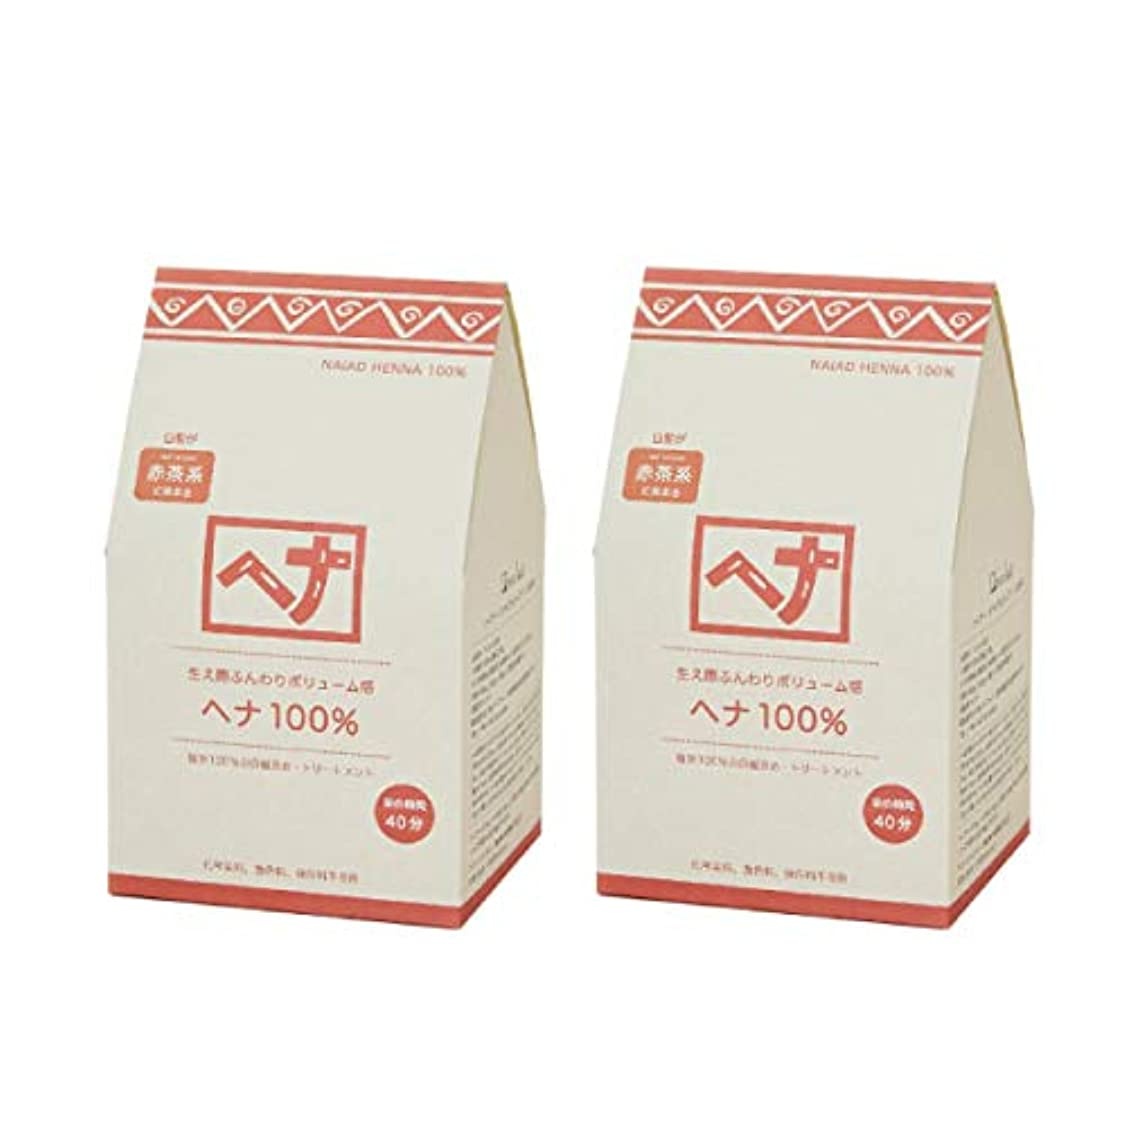 遠足ヒュームバーターナイアード ヘナ100%(赤茶色)400g (100g×4袋)×2個セット+アレッポの石鹸1個プレゼント